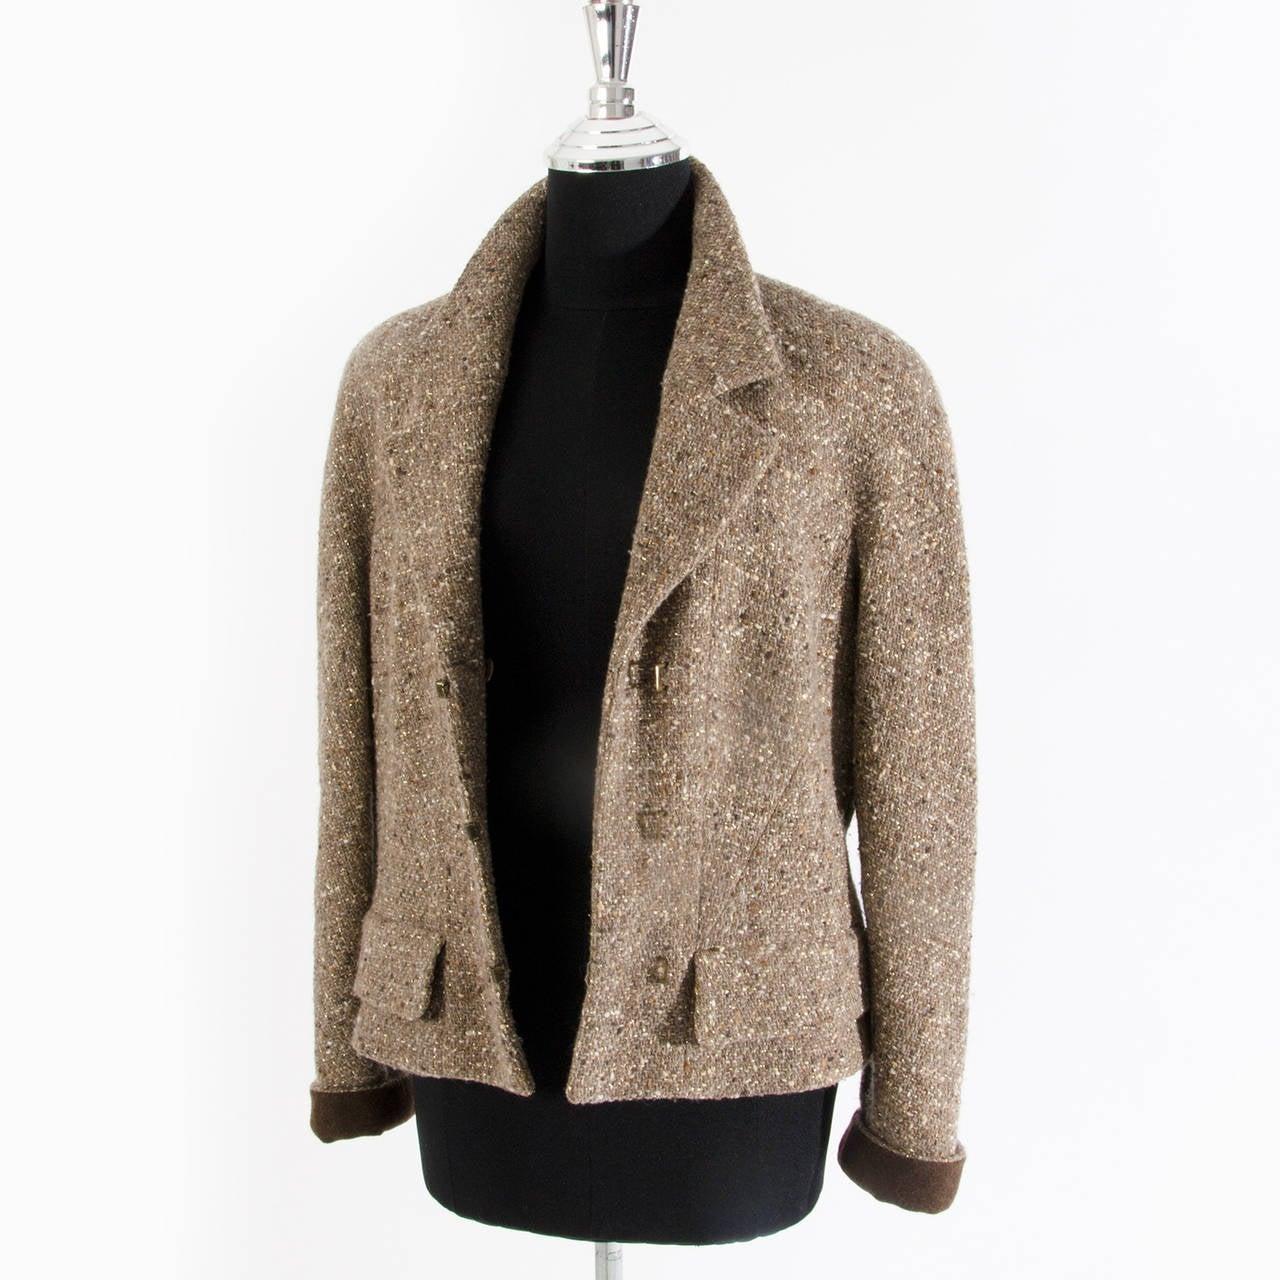 Chanel Tweed Brown Jacket 4